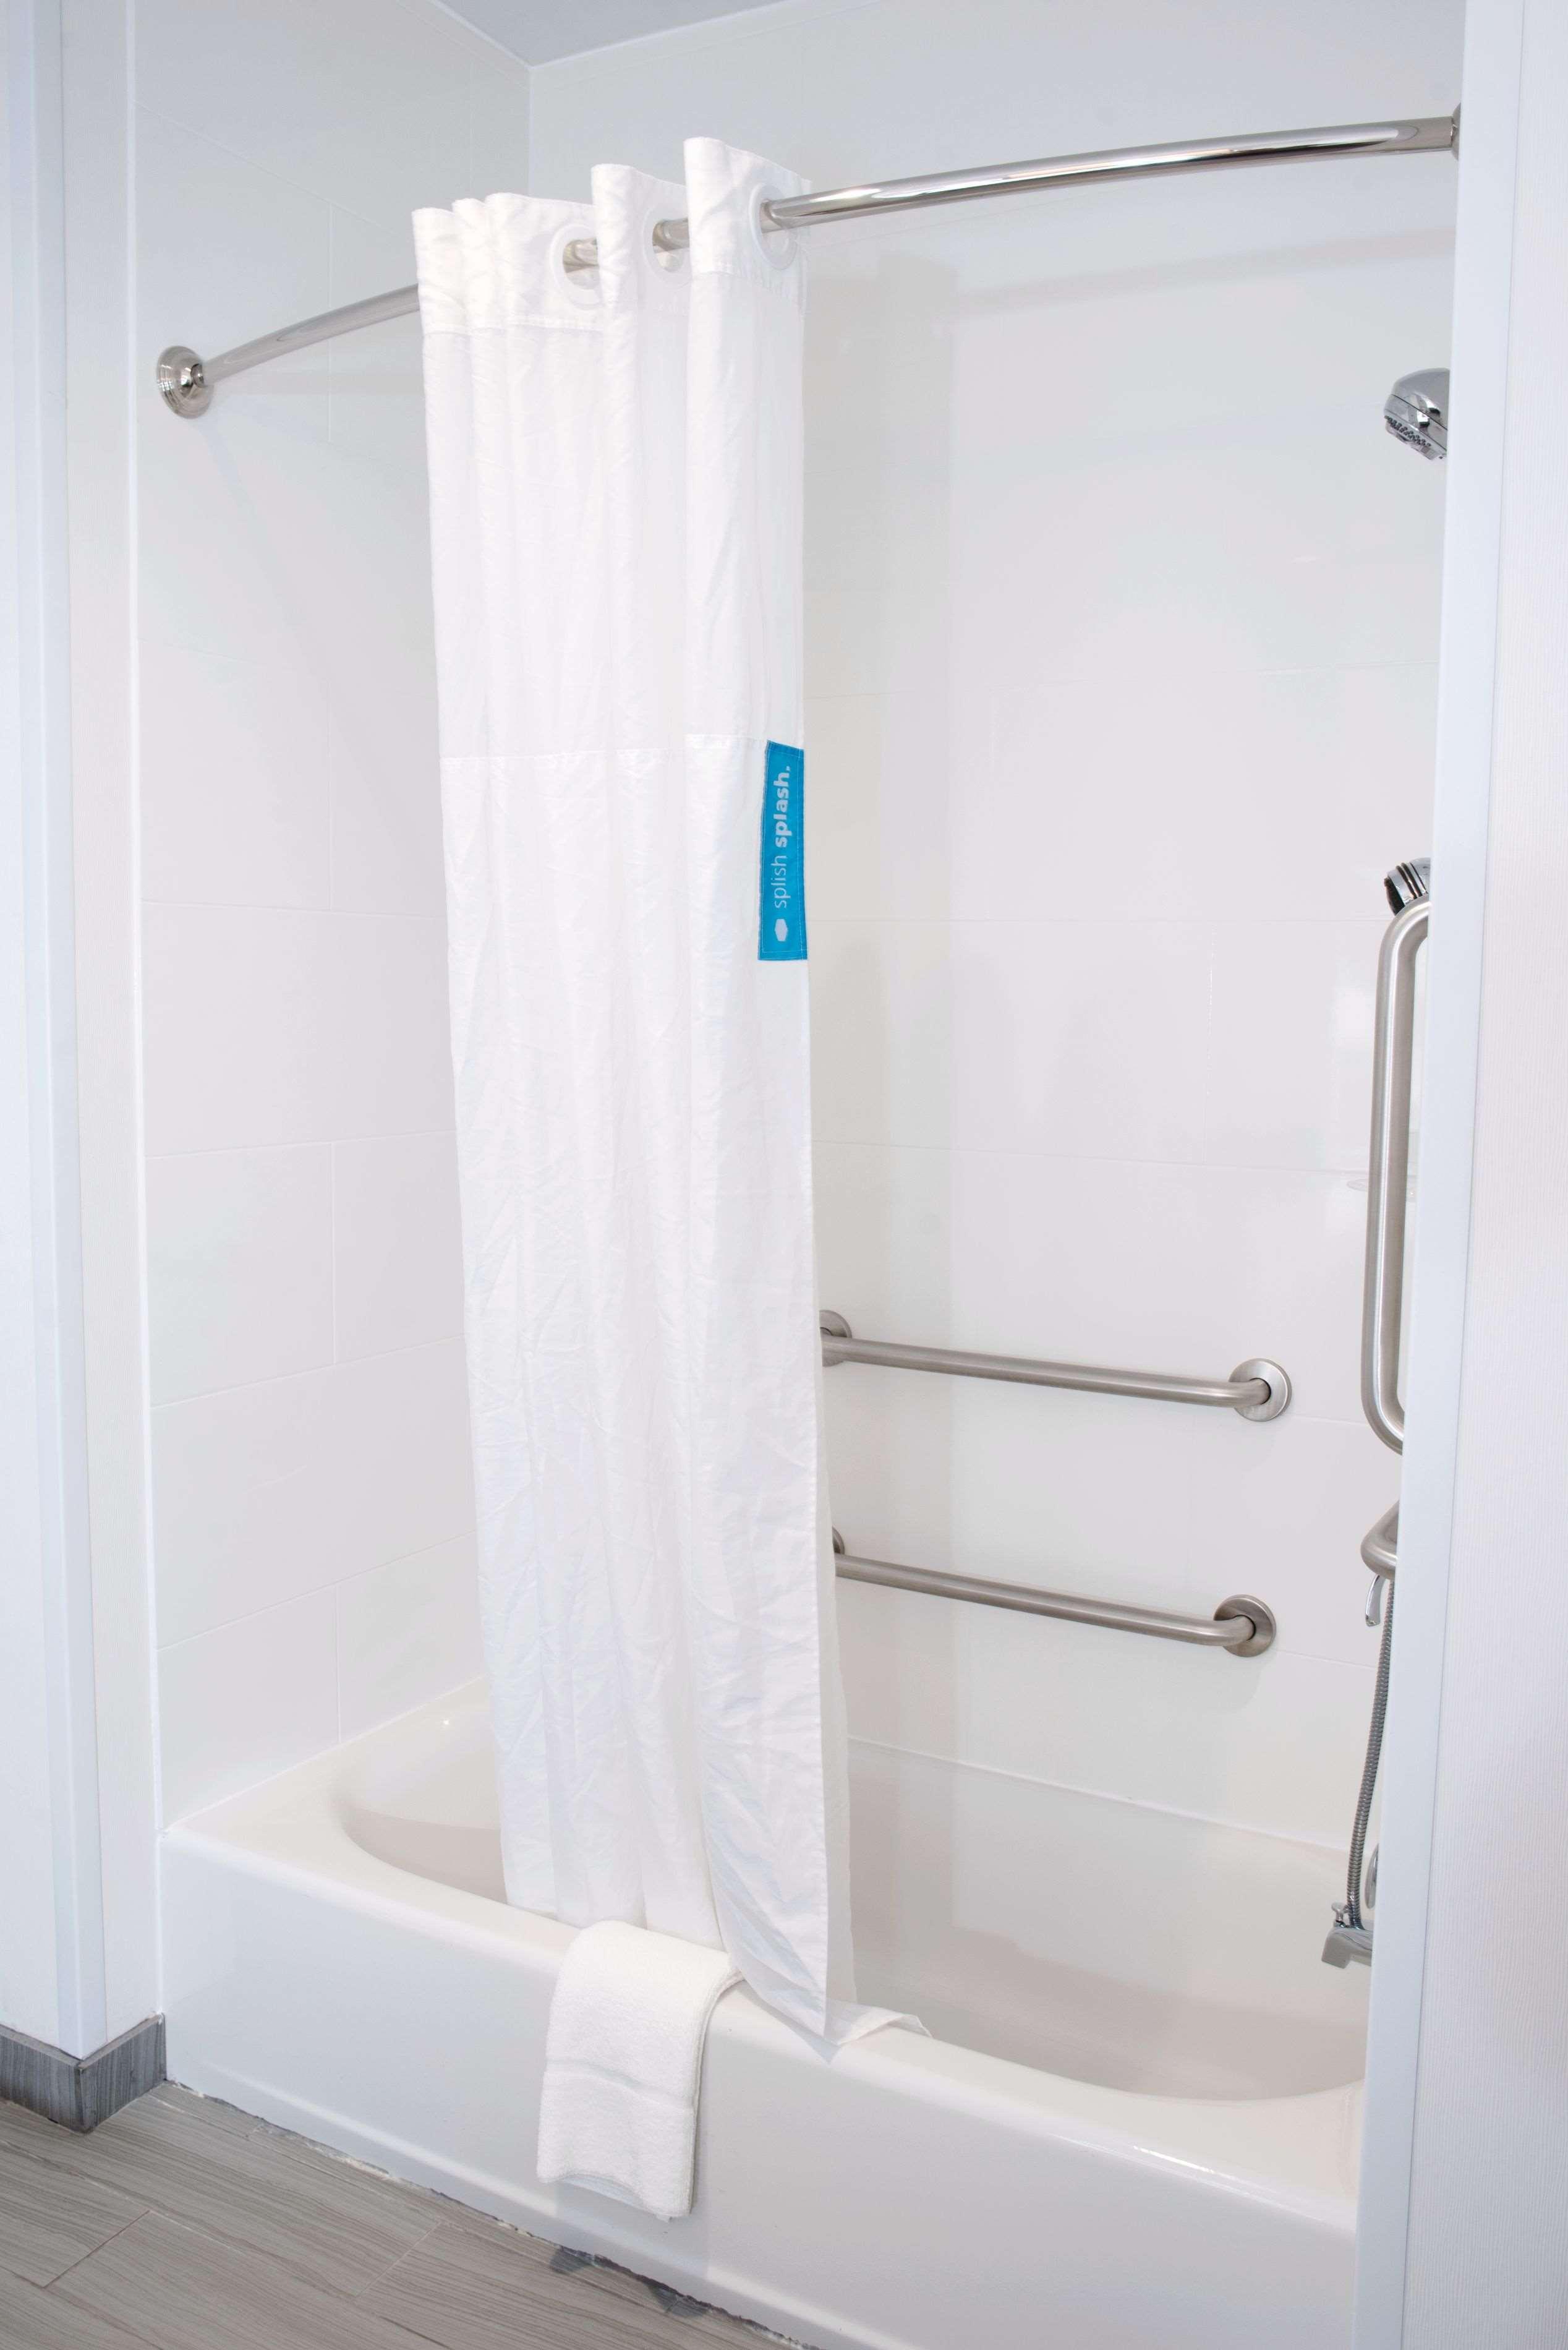 Hampton Inn & Suites Des Moines/Urbandale image 40